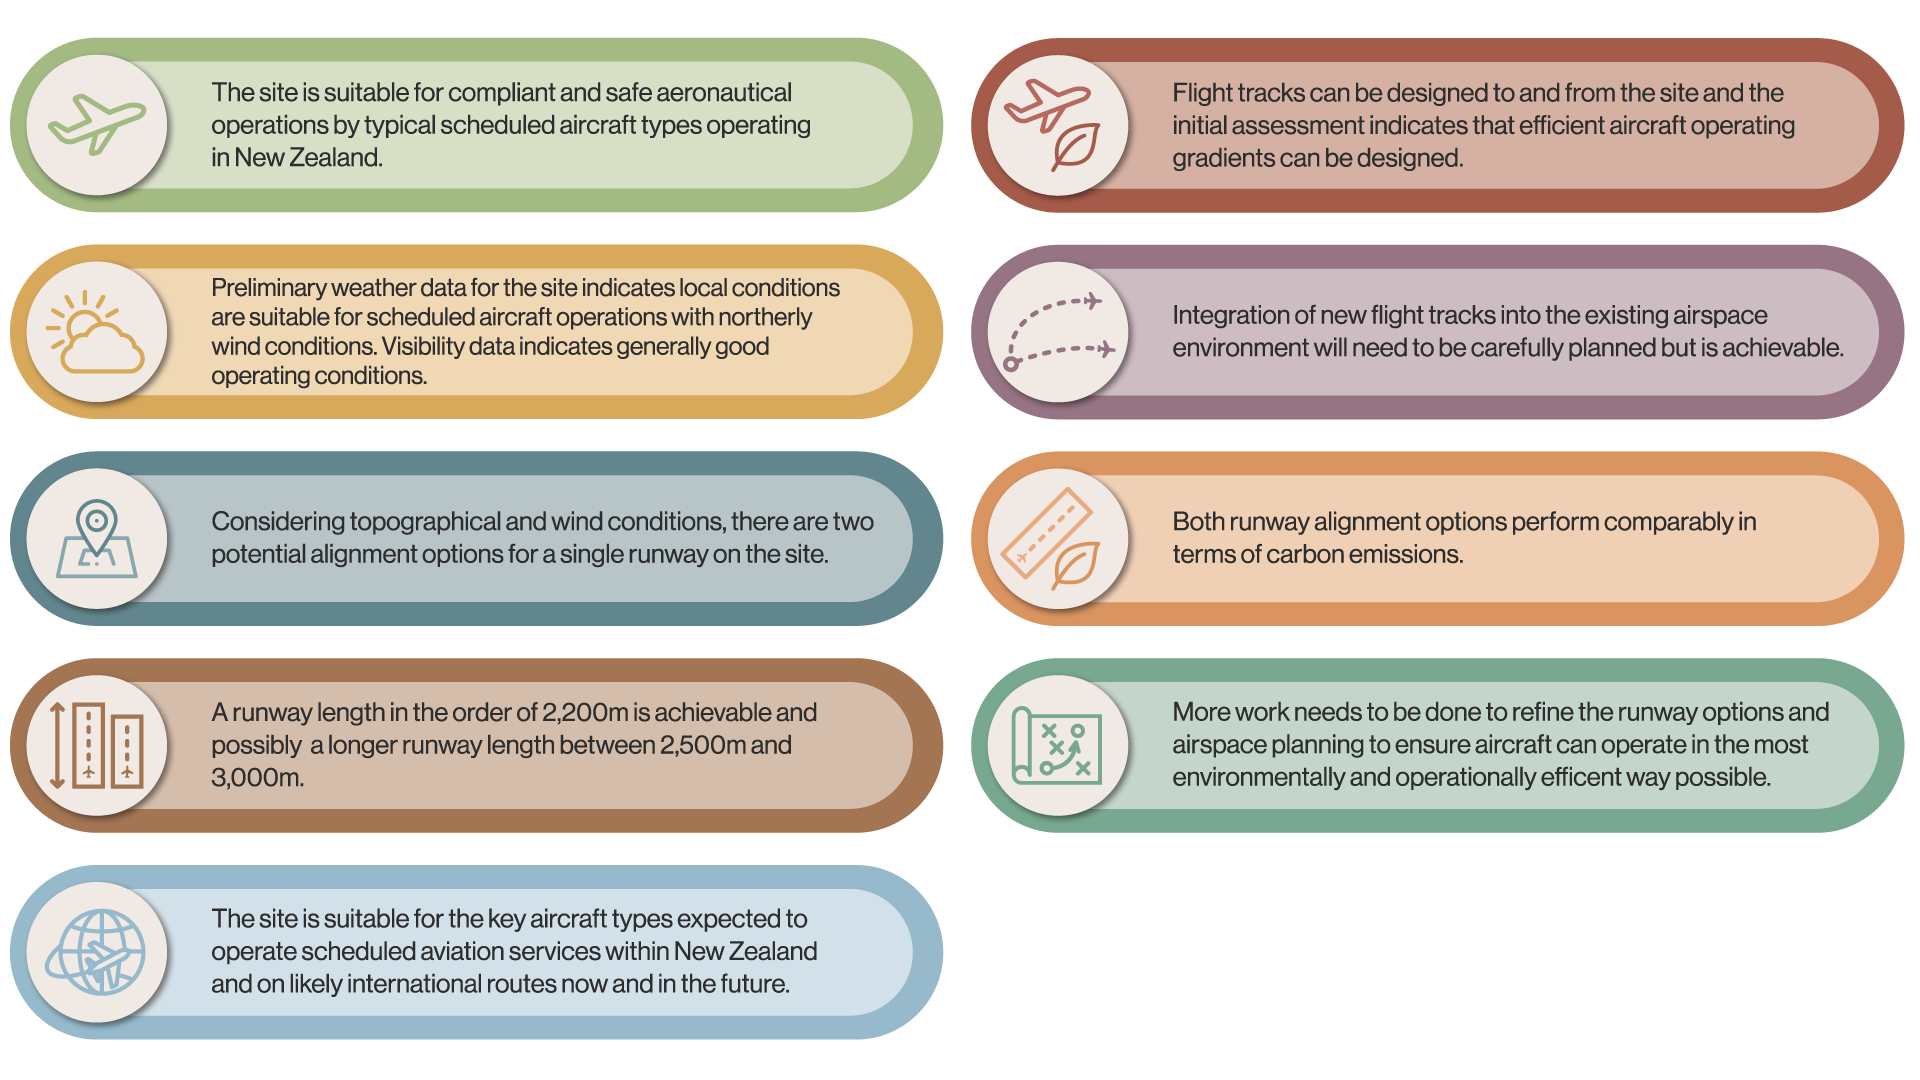 P4 key findings